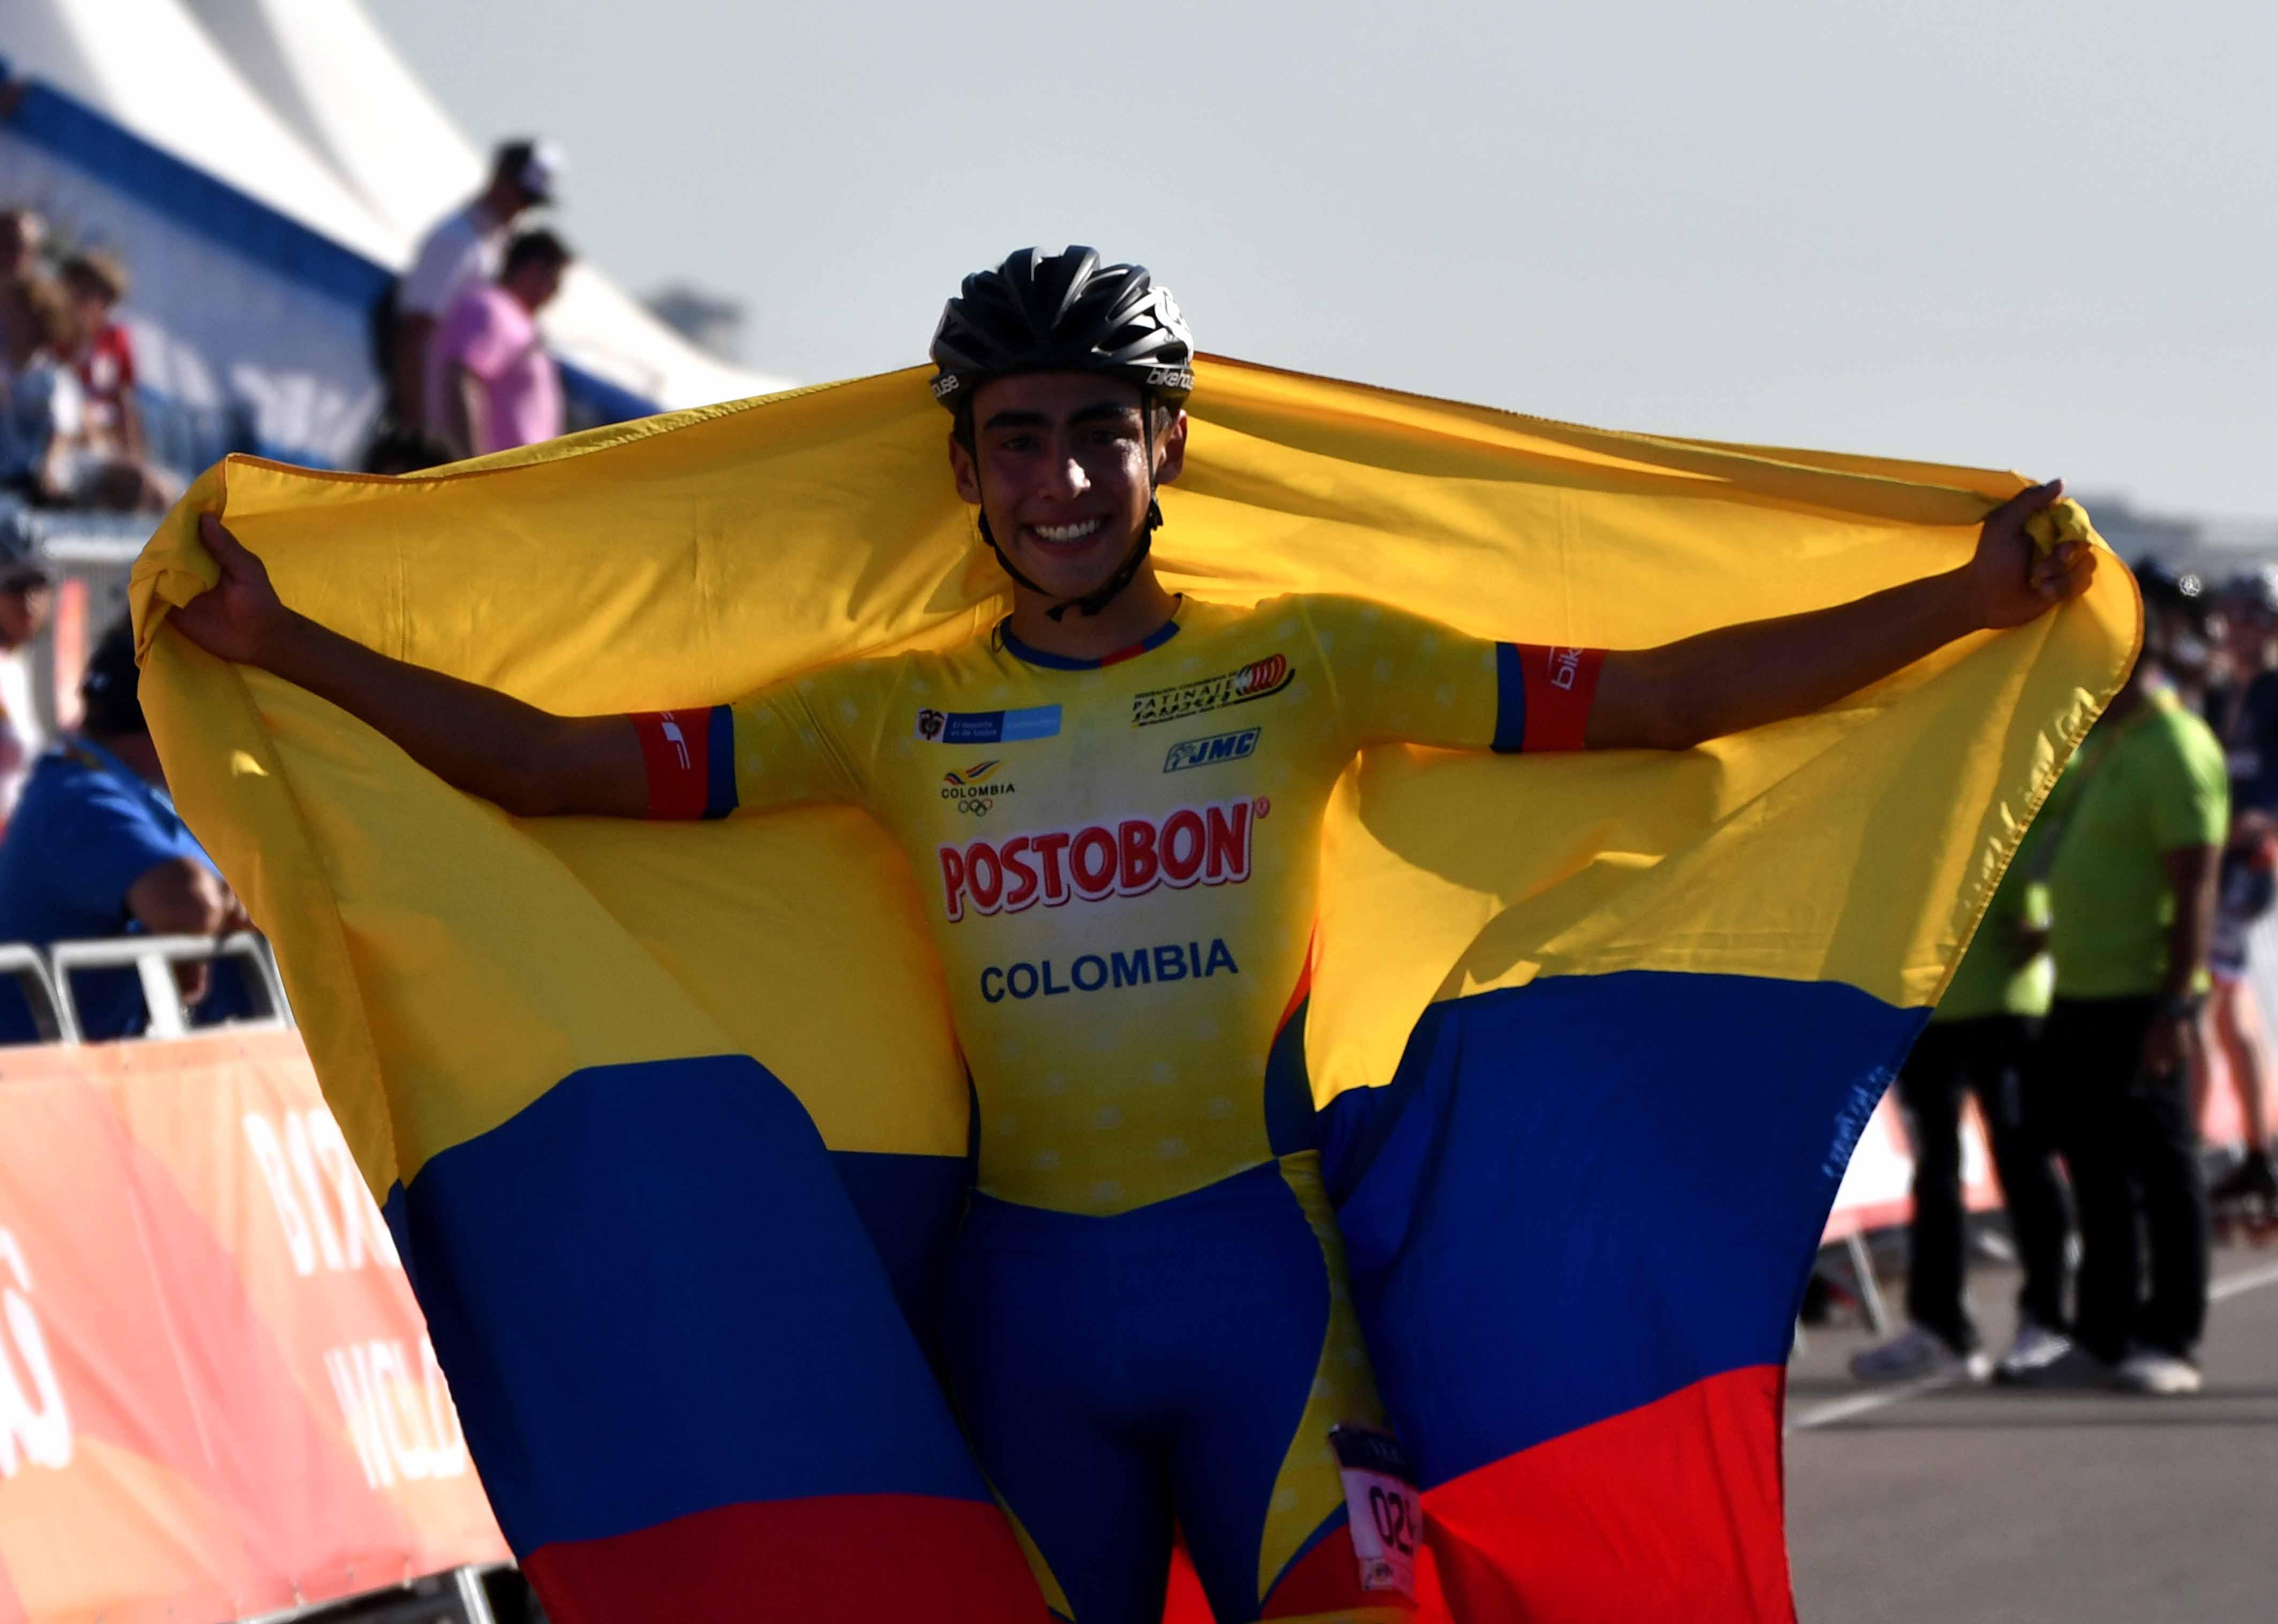 Juan Jacobo Mantilla medalla de oro en Mundial de Patinaje | EL FRENTE